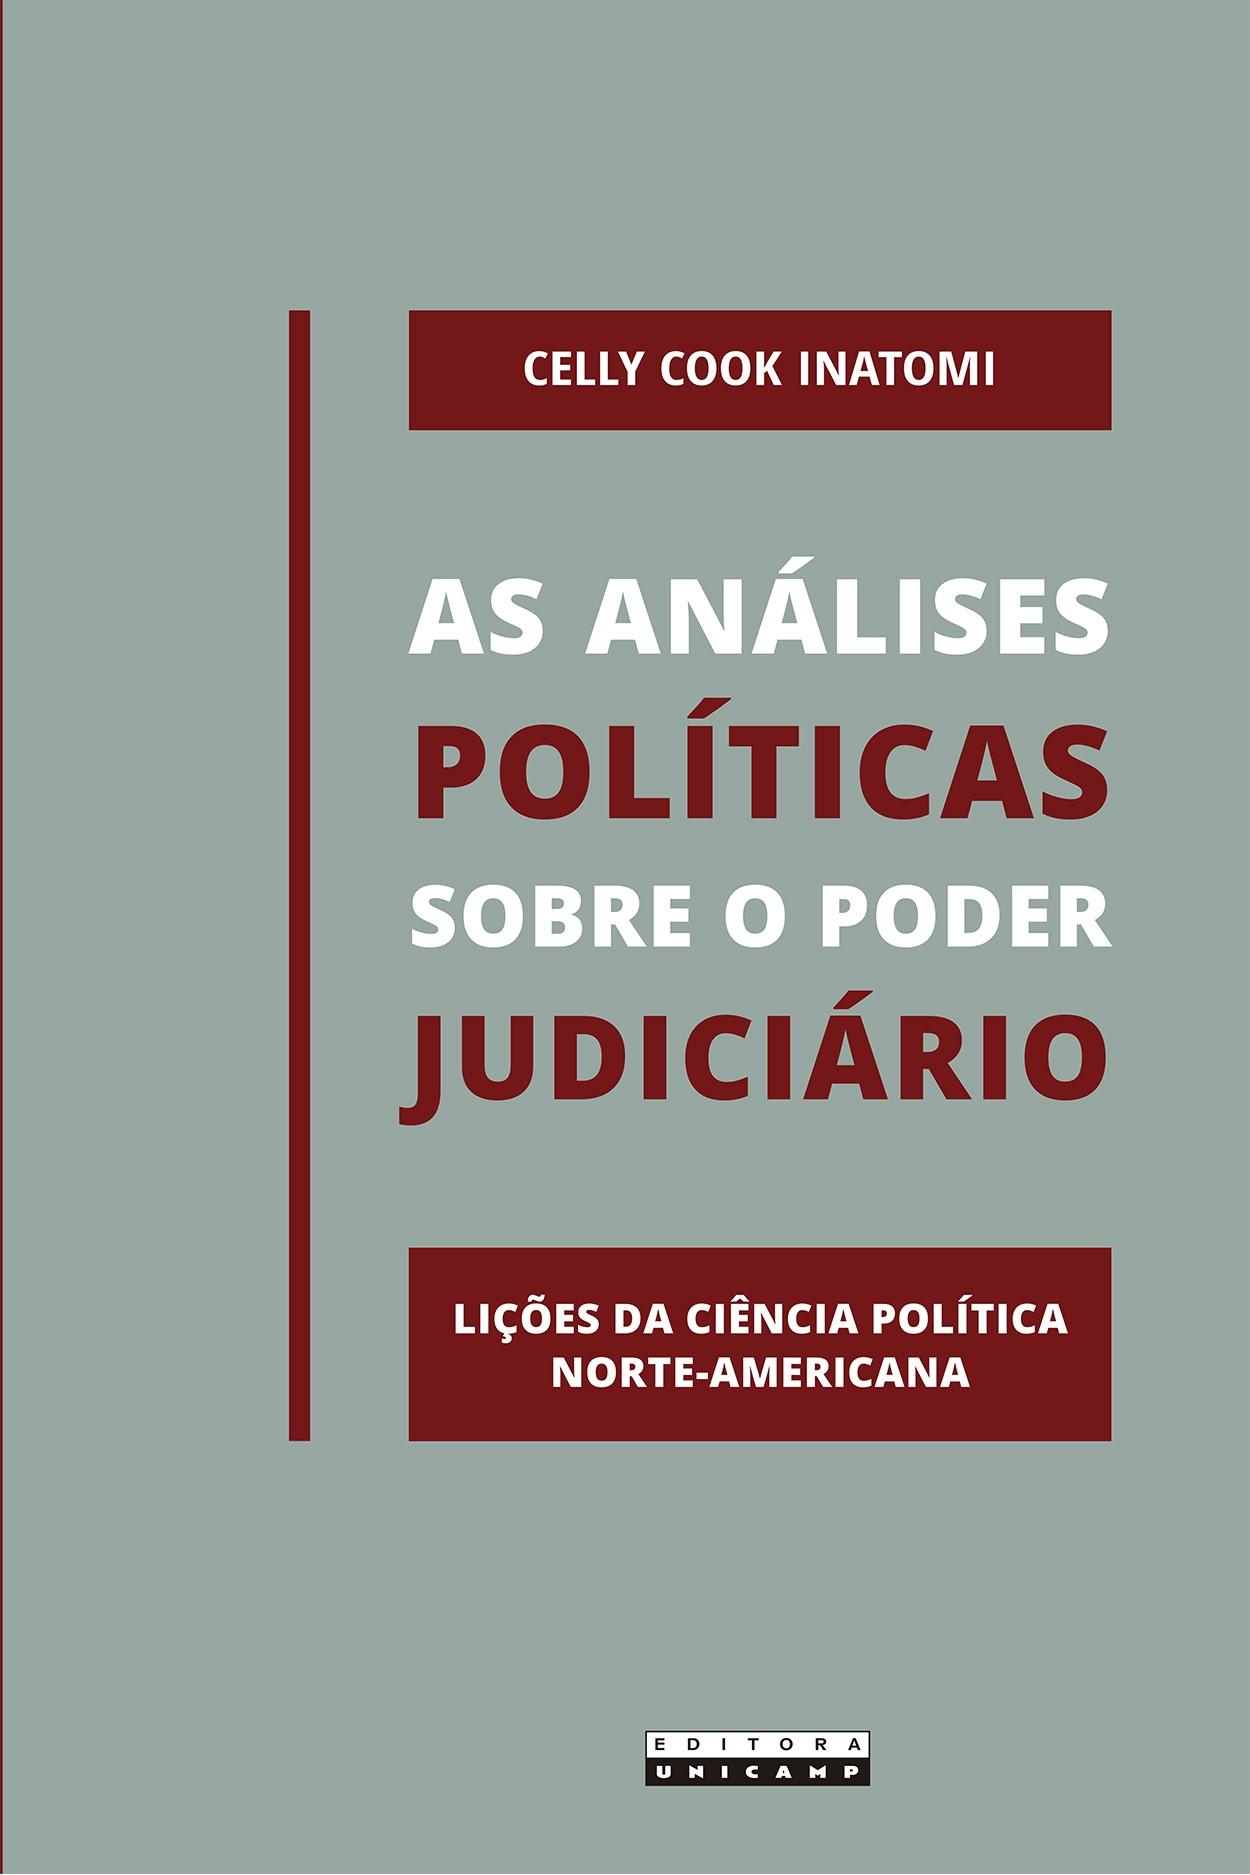 As análises políticas sobre o poder judiciário. Lições da ciência política norte-americana, livro de Celly Cook Inatomi